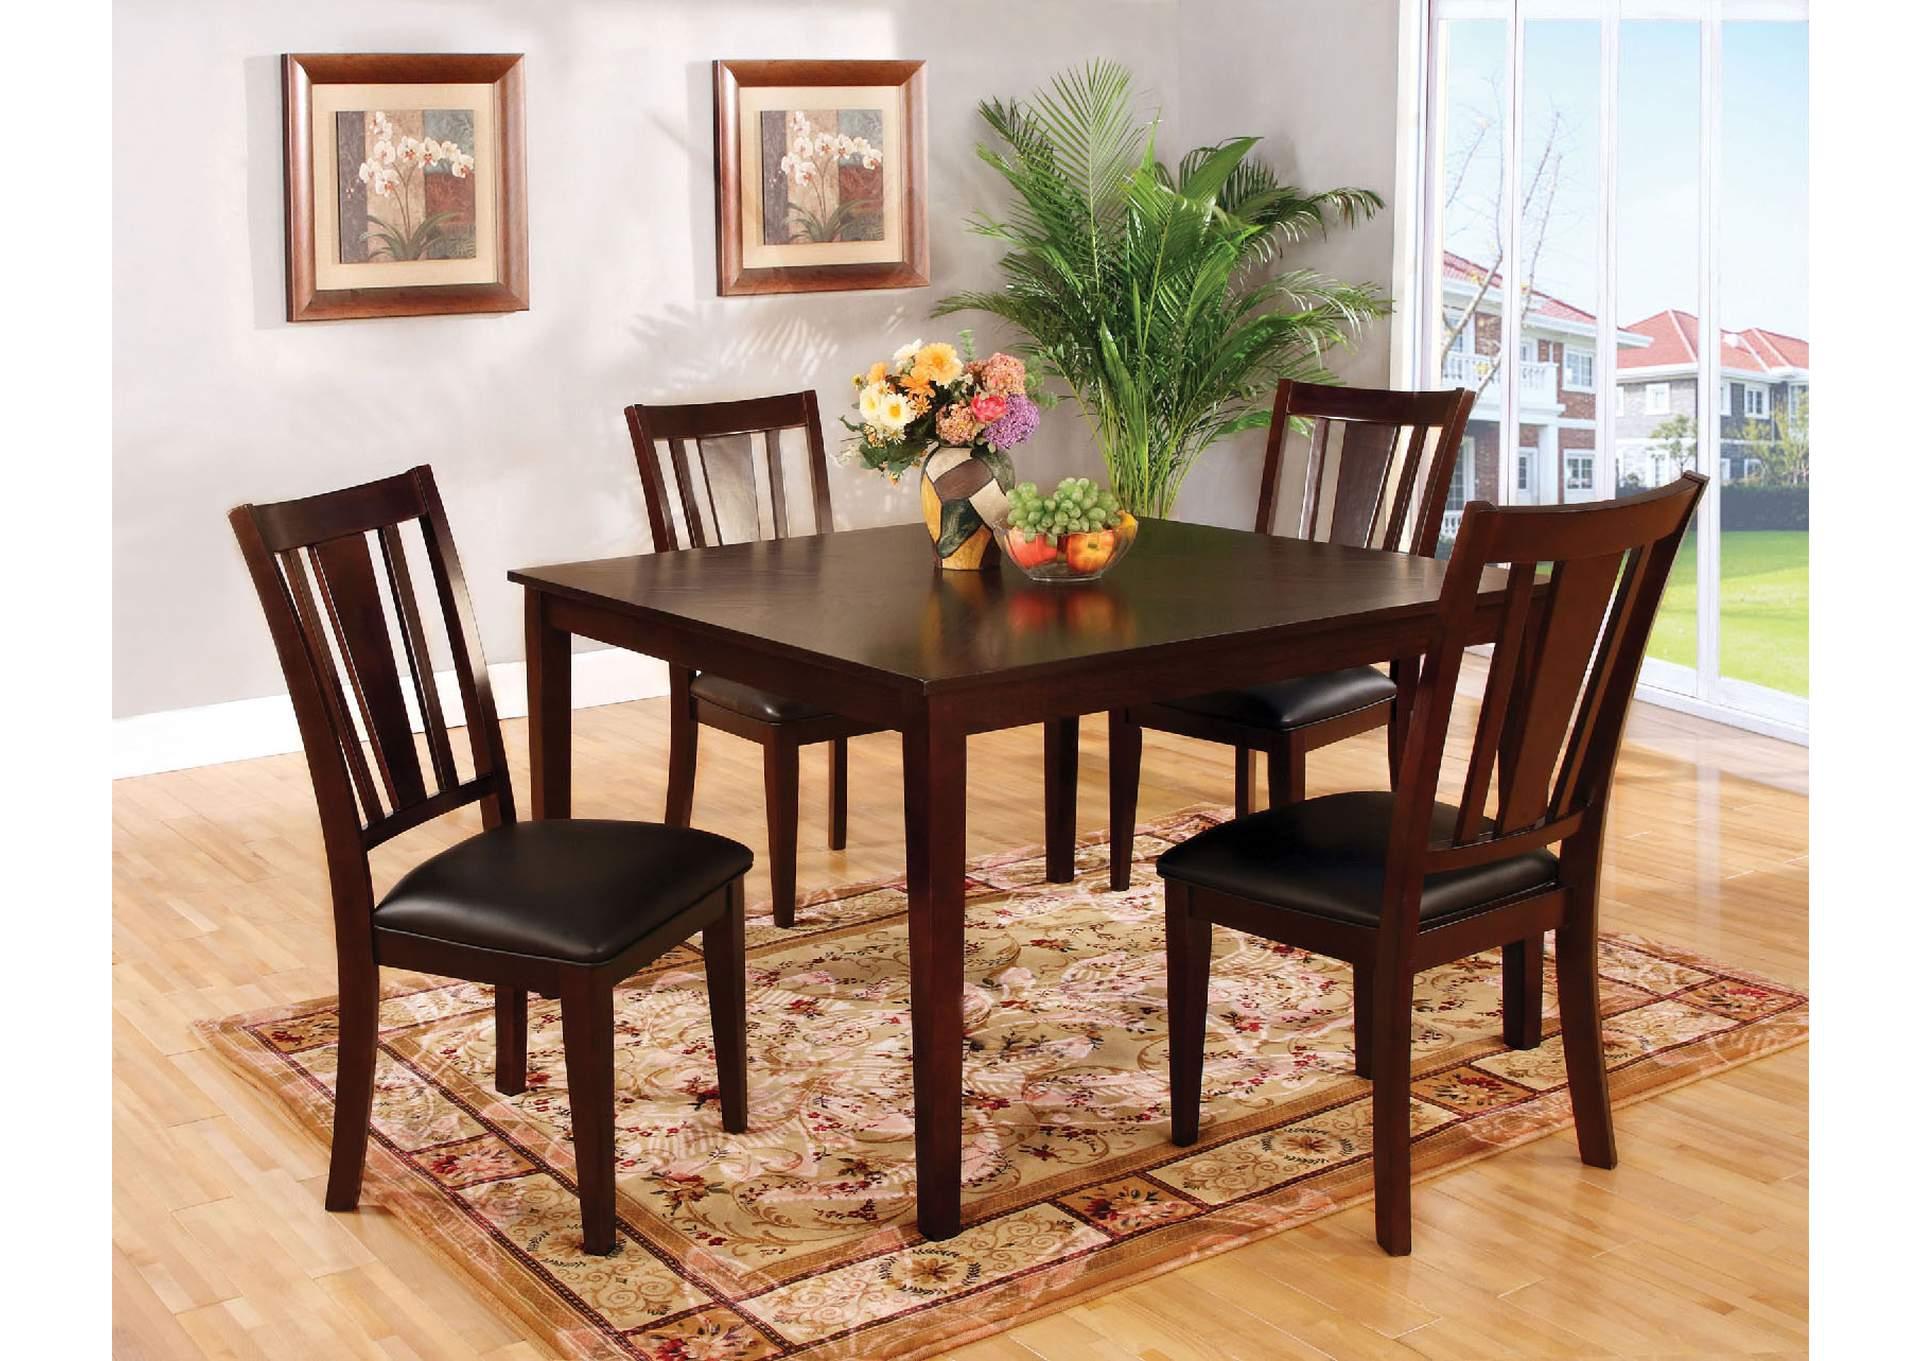 furniture ville bronx ny bridgette i espresso 5 pc dining table set. Black Bedroom Furniture Sets. Home Design Ideas